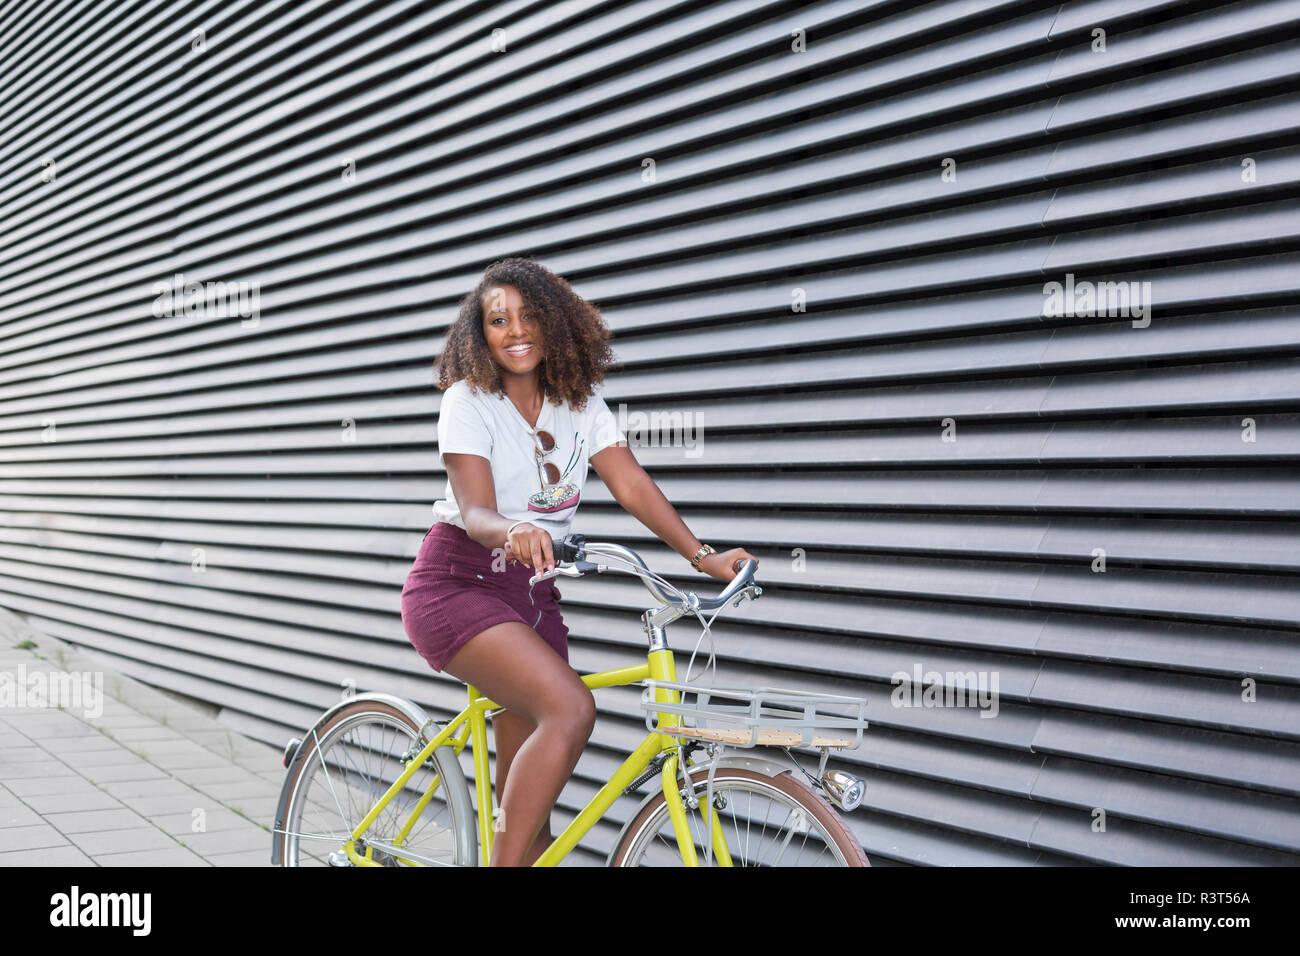 Ritratto di sorridente giovane donna Bicicletta Equitazione Foto Stock